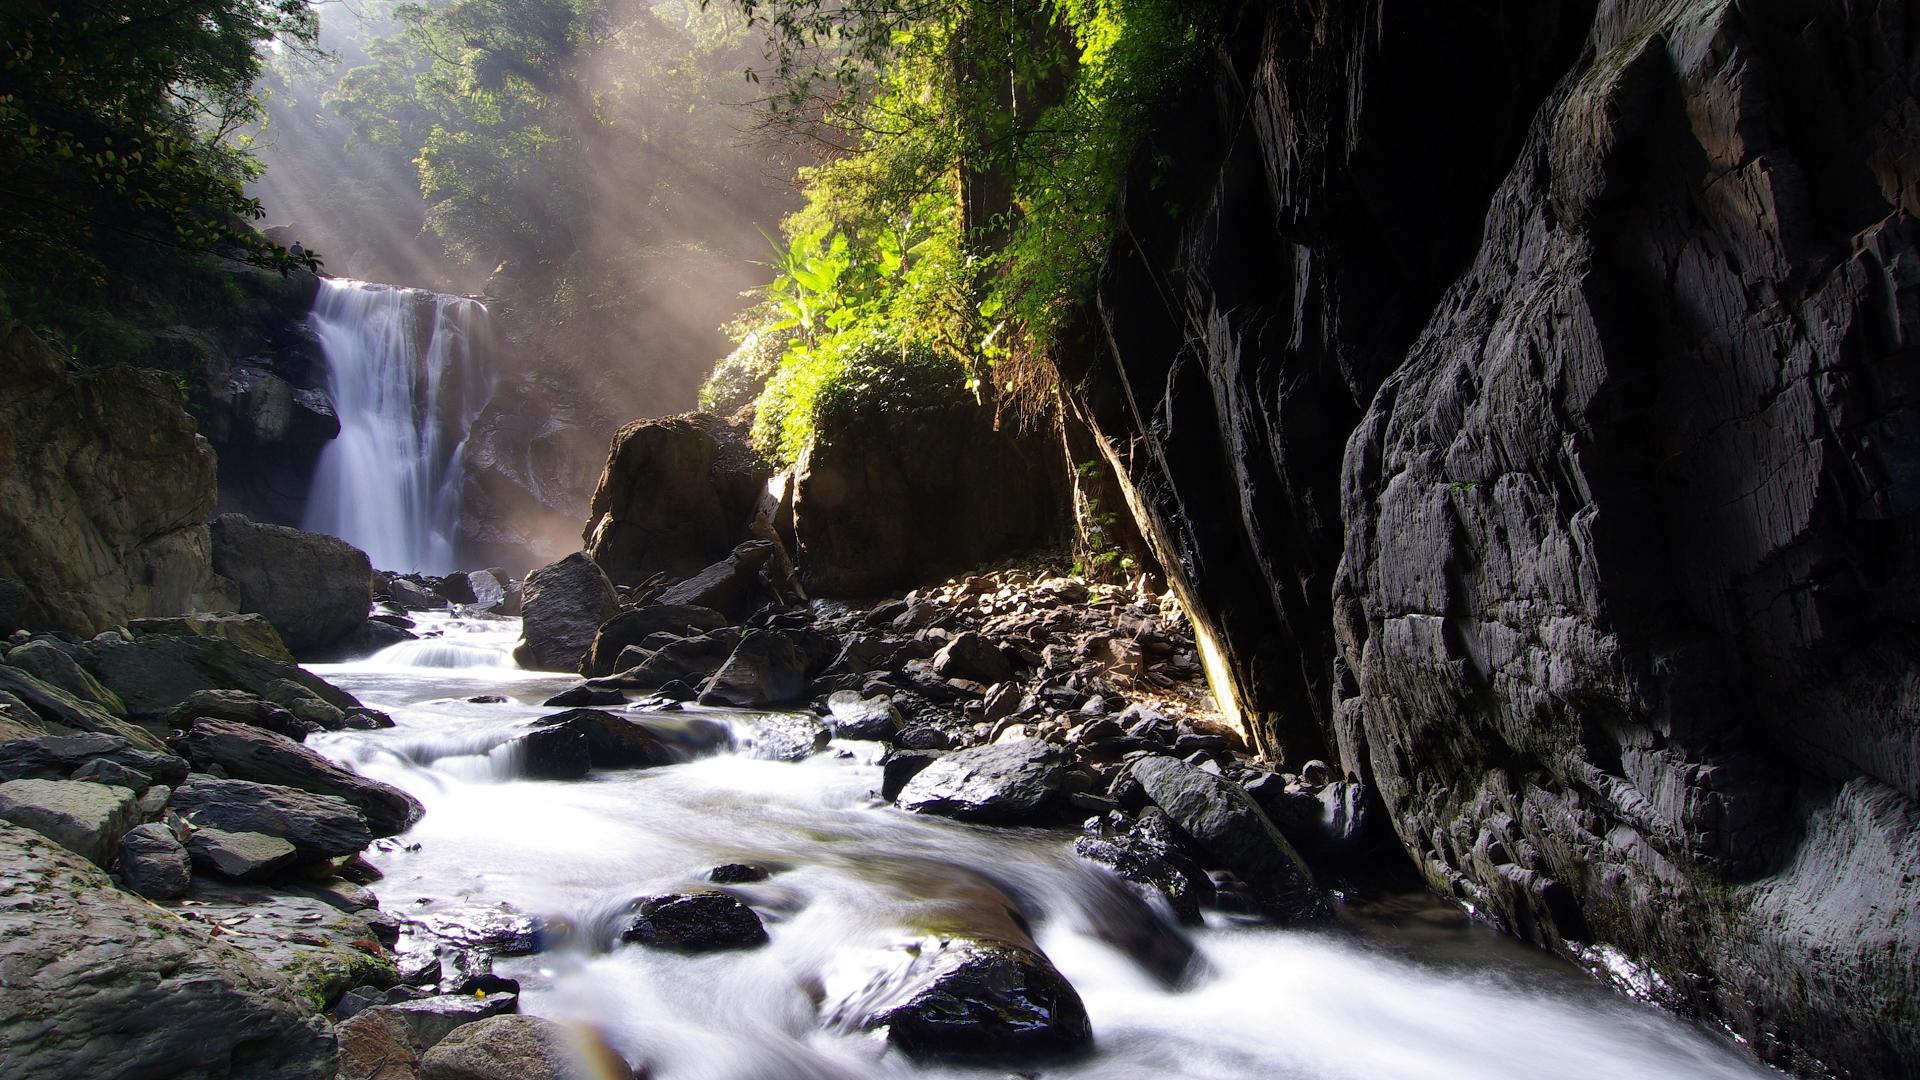 http://3.bp.blogspot.com/-b3oRZ93-GjA/UFoZMBjz-jI/AAAAAAAAKMY/dxBXSIxbxvU/s0/nei-dong-waterfall-1920x1080-wallpaper.jpg